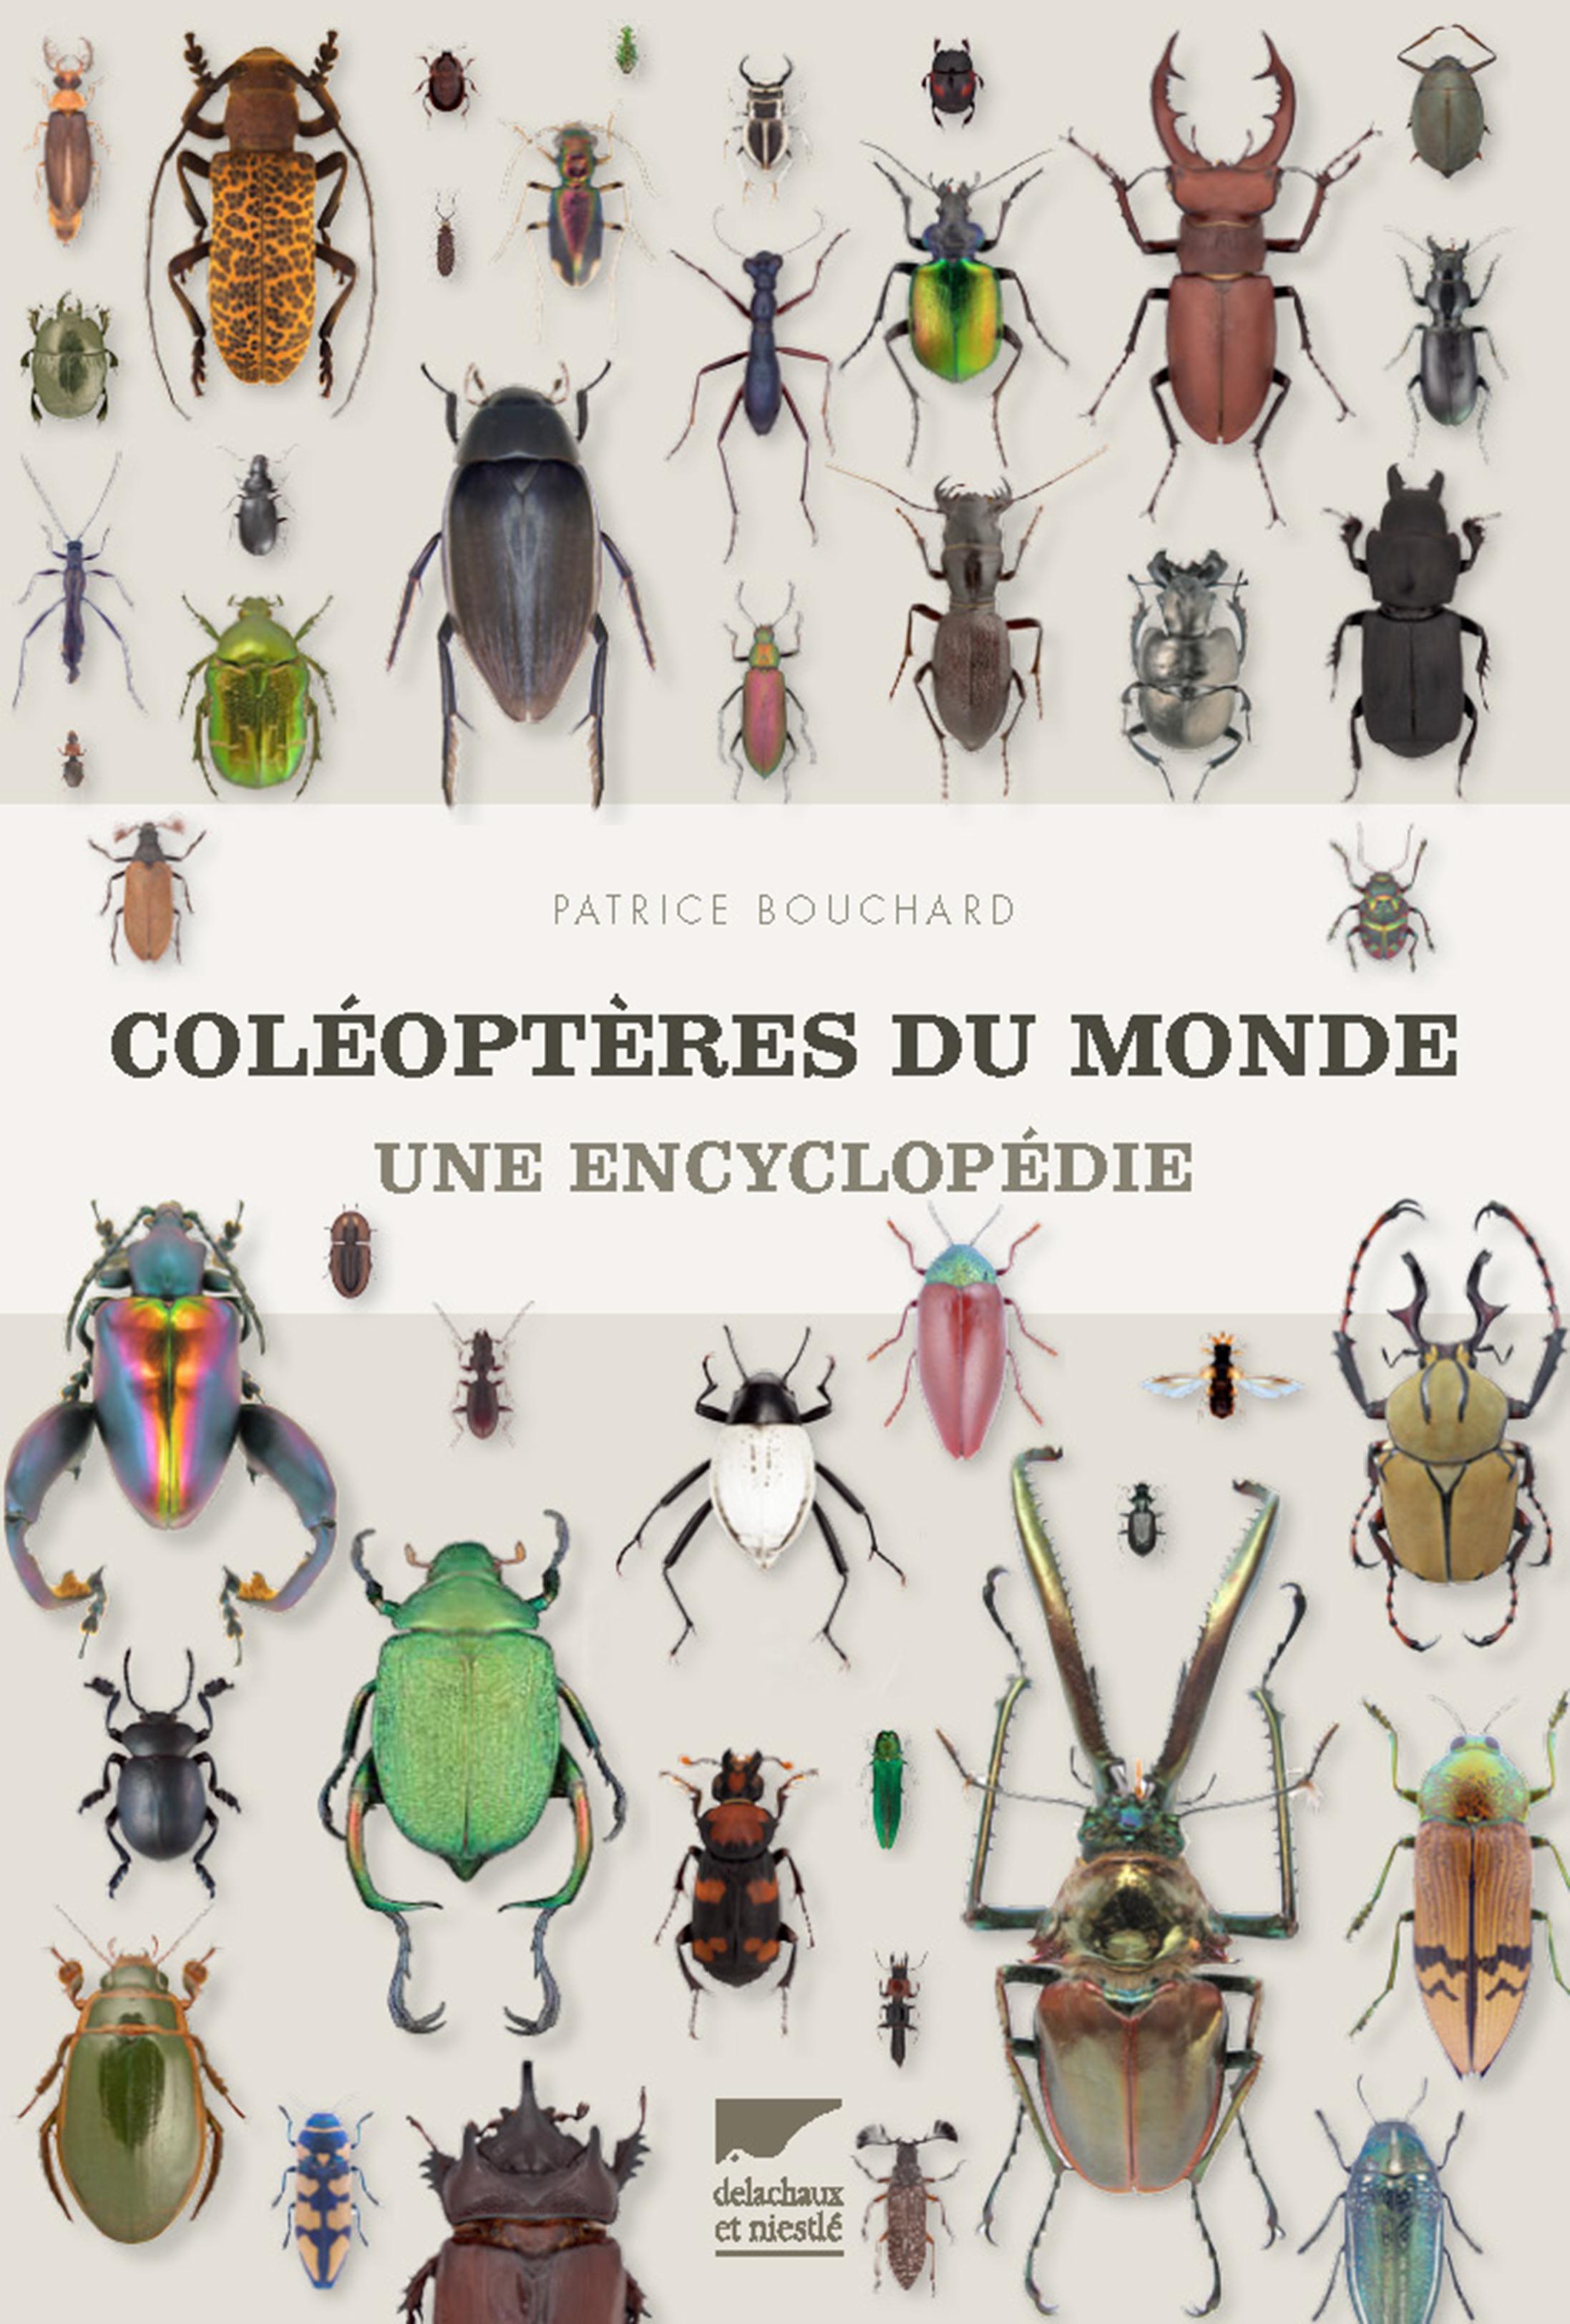 Coléoptères du monde : une encyclopédie – Interview de Patrice Bouchard